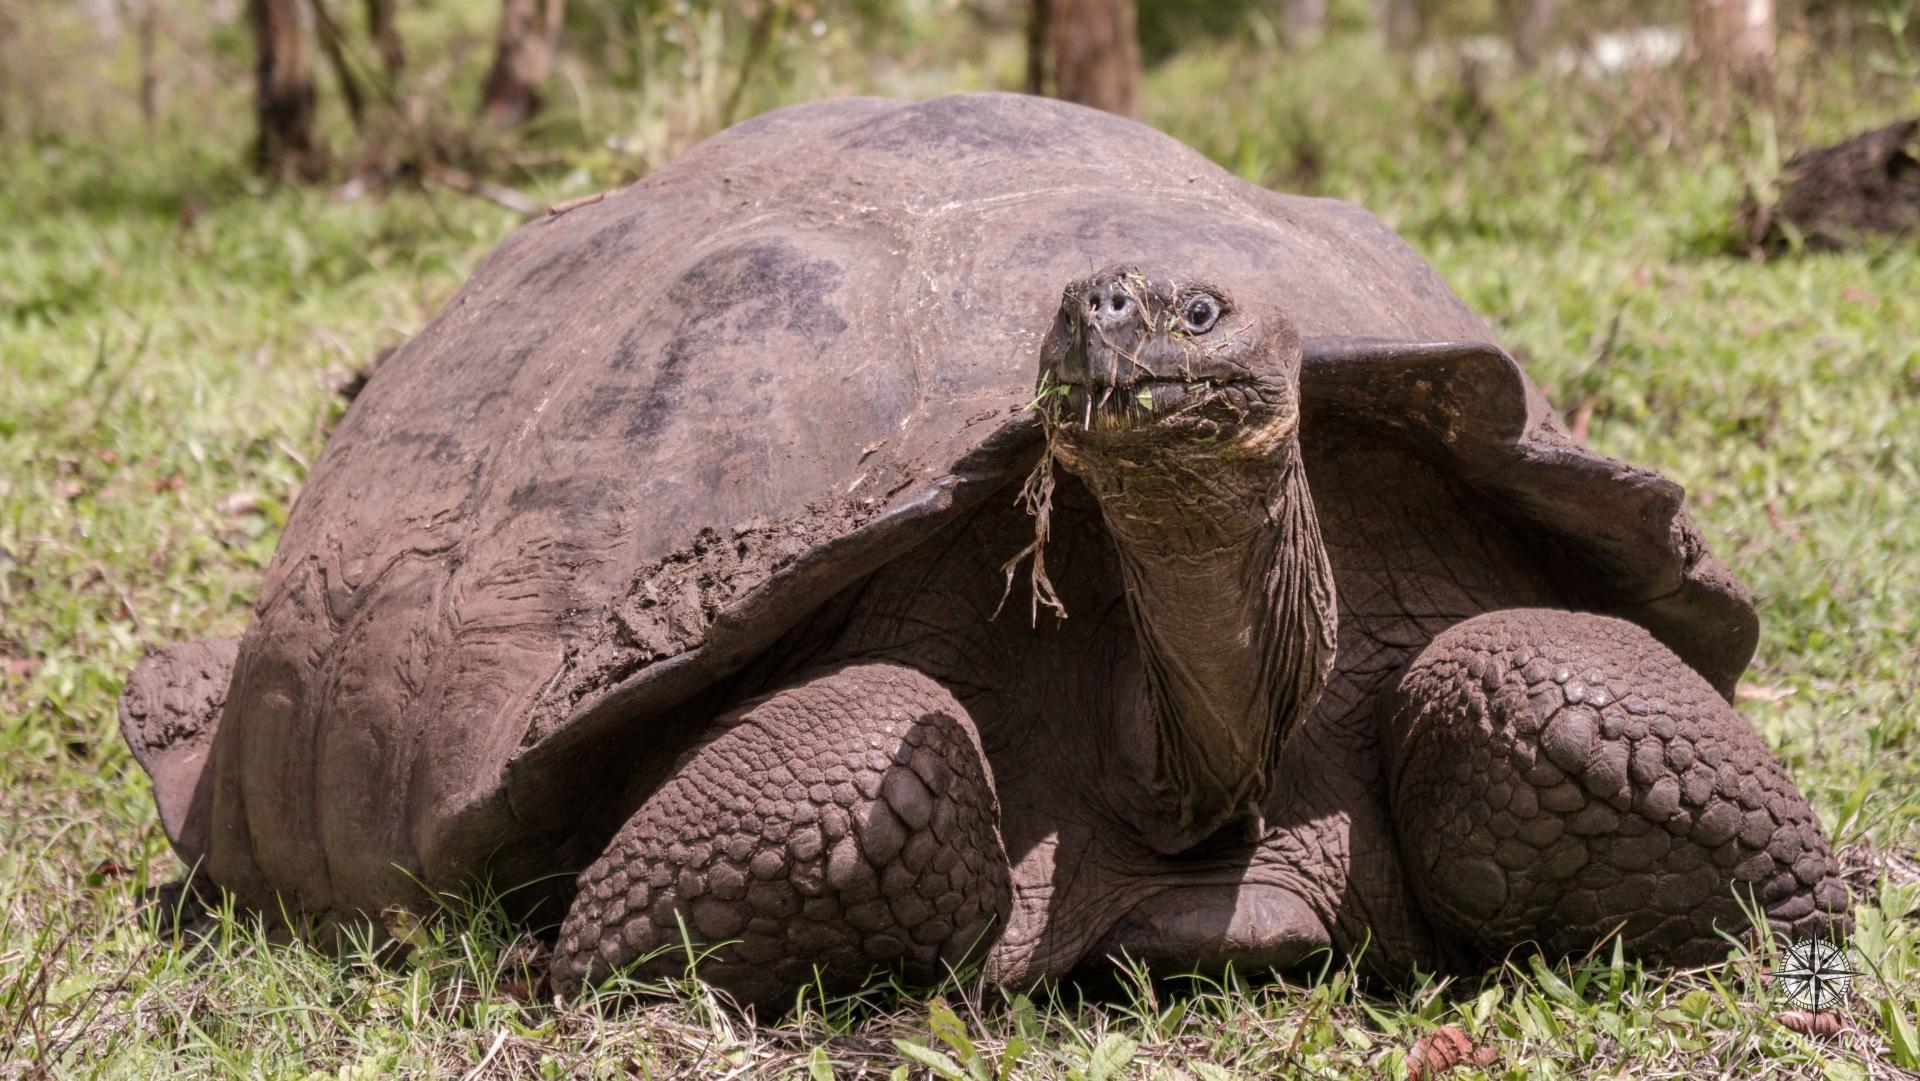 Гигантские сухопутные черепахи оказались обучаемыми и общительными